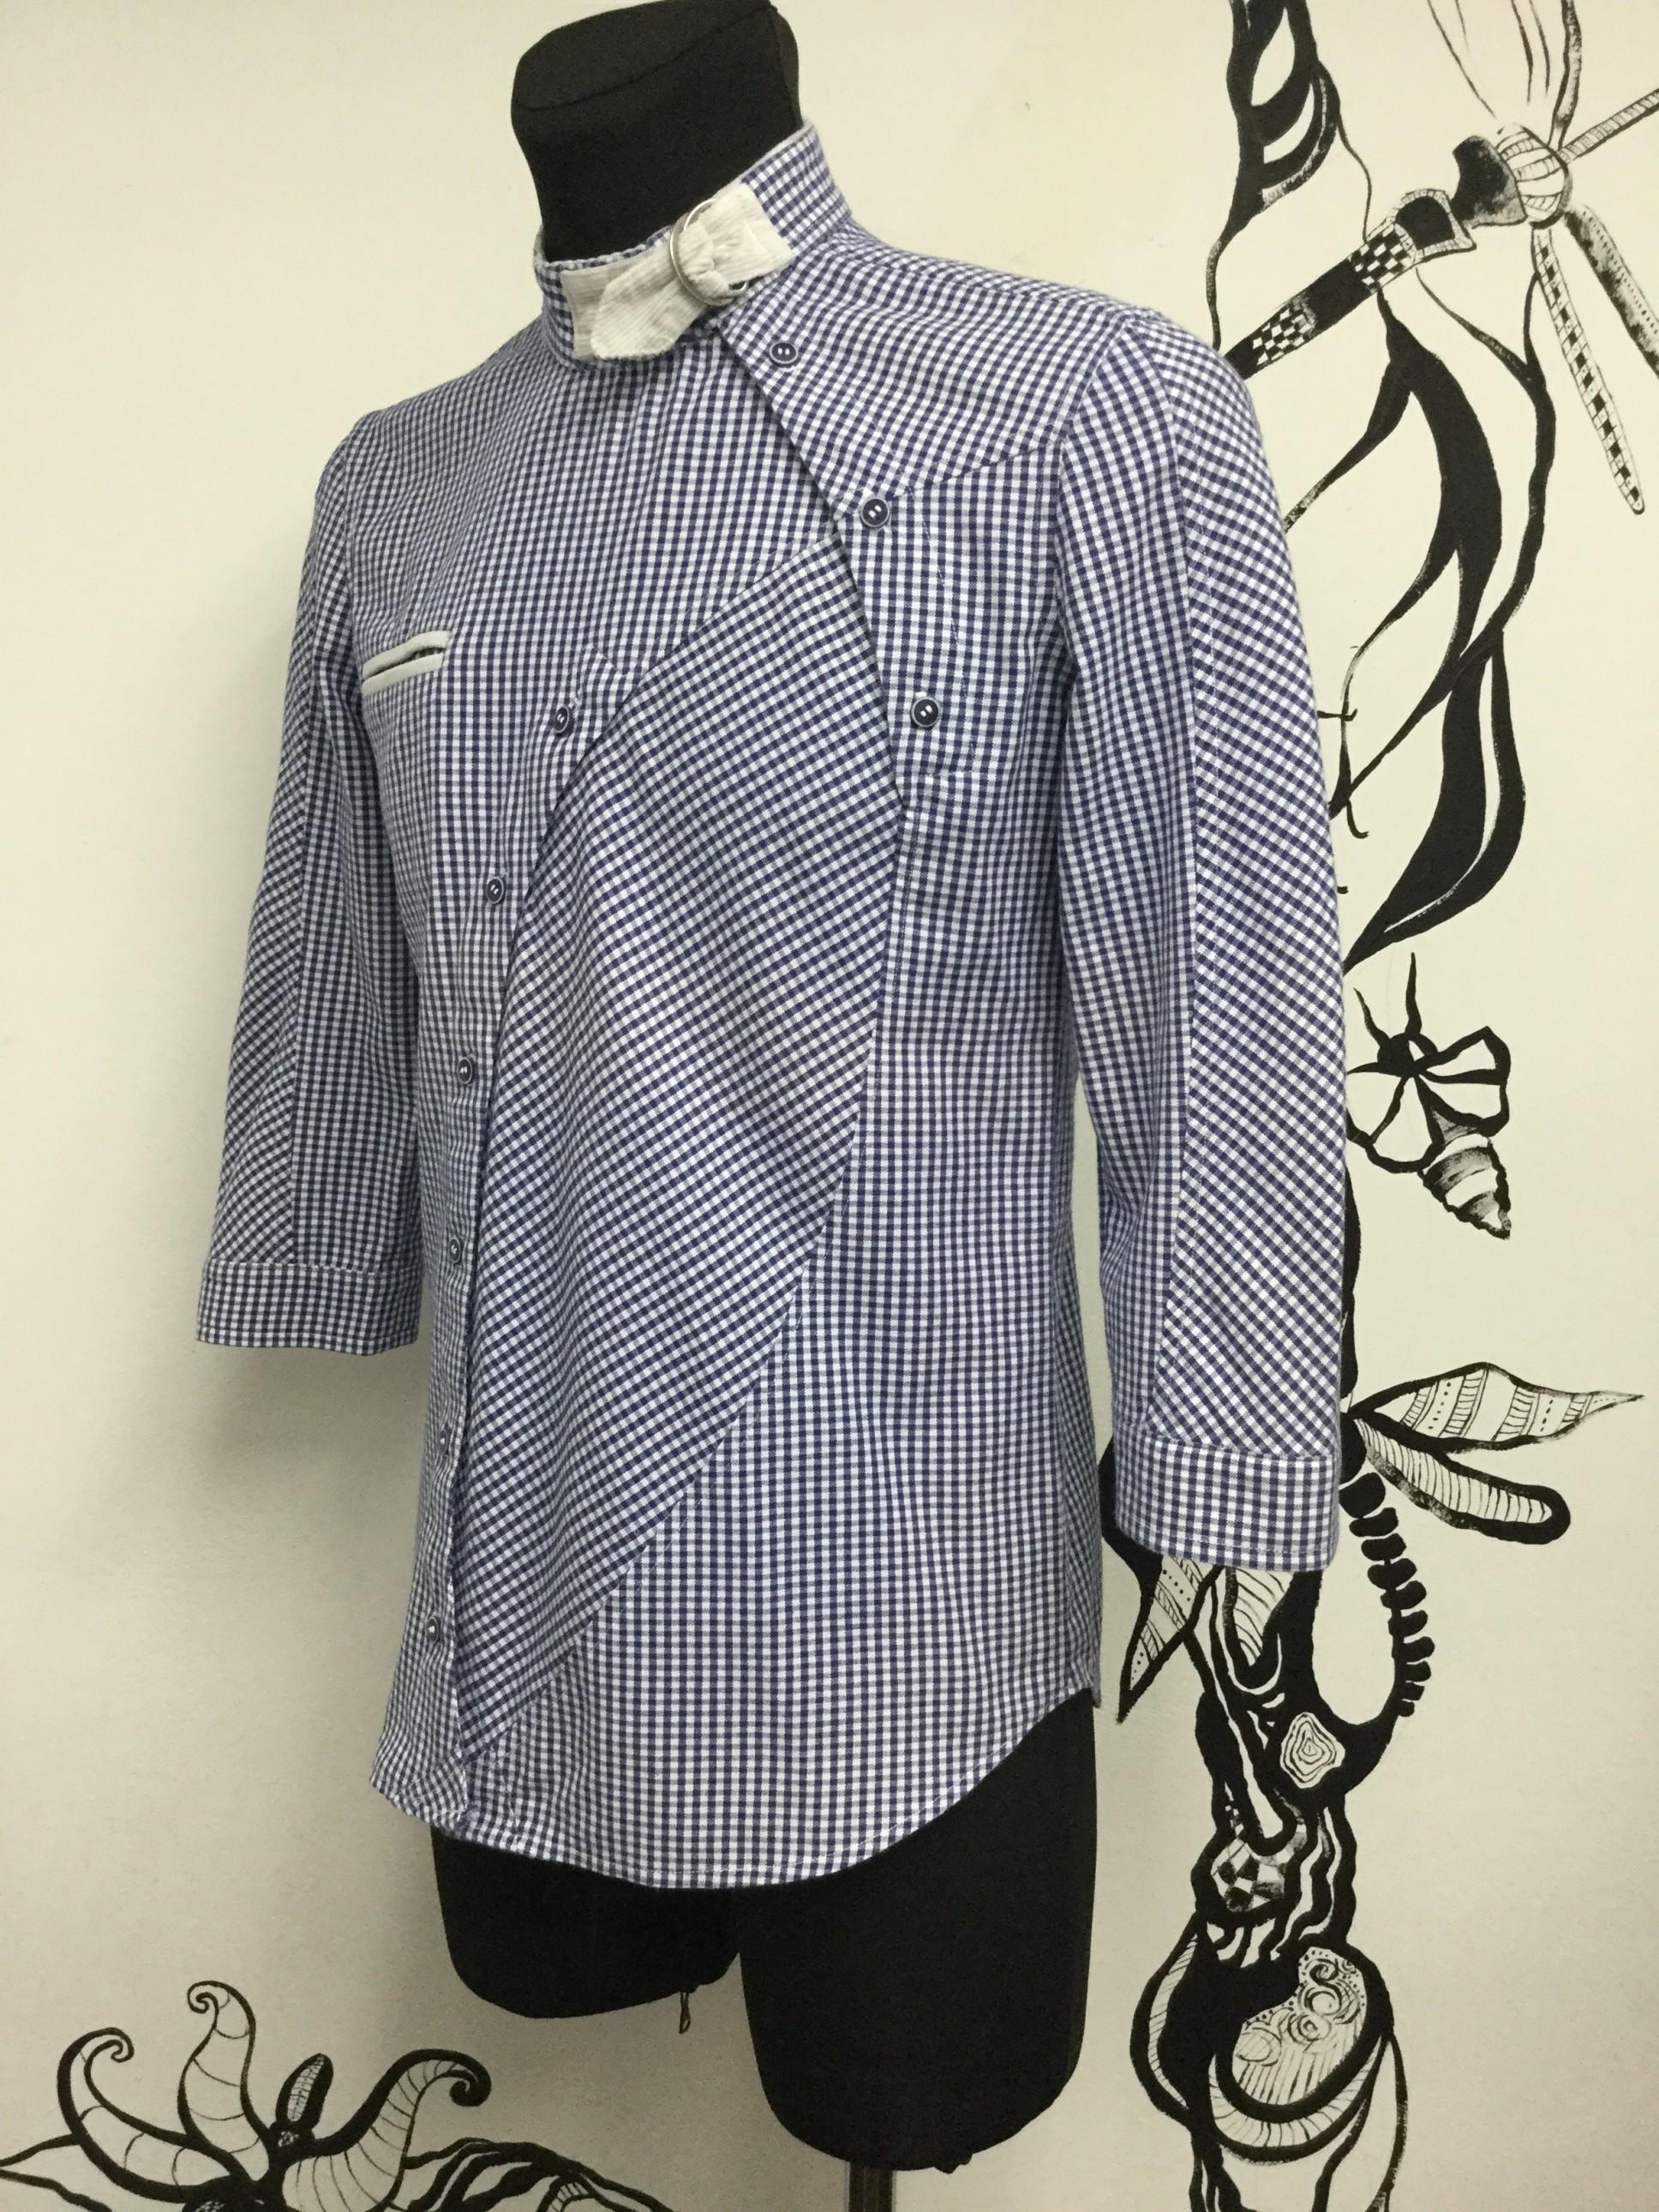 Шить мужскую рубашку на курсах шитья Школа дизайнерского мастерства Елизаветы Добрицкой